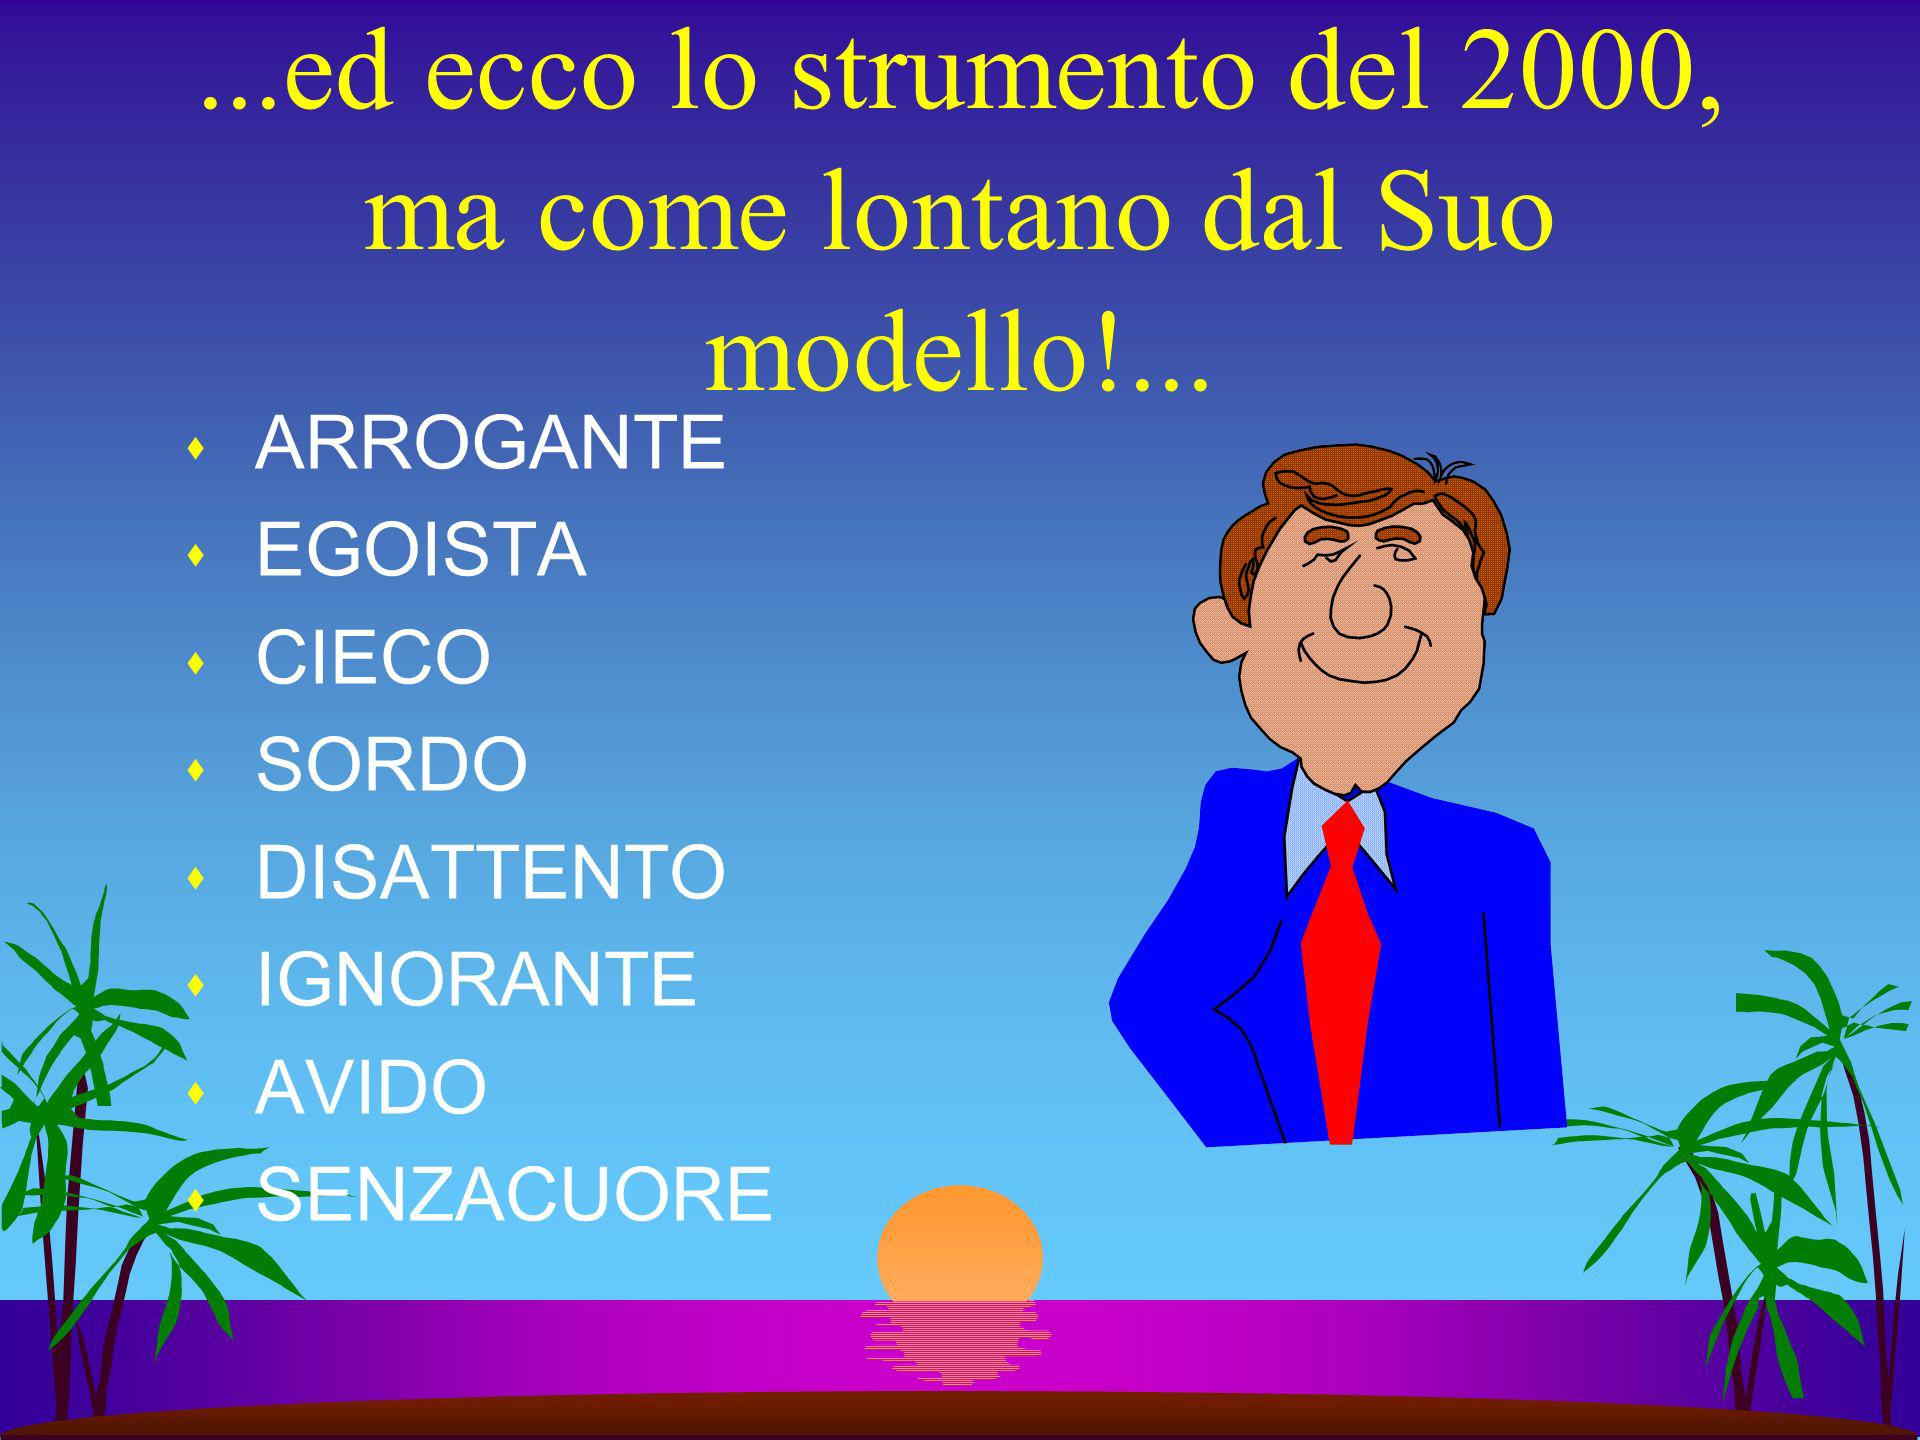 ...ed ecco lo strumento del 2000, ma come lontano dal Suo modello!... s ARROGANTE s EGOISTA s CIECO s SORDO s DISATTENTO s IGNORANTE s AVIDO s SENZACU